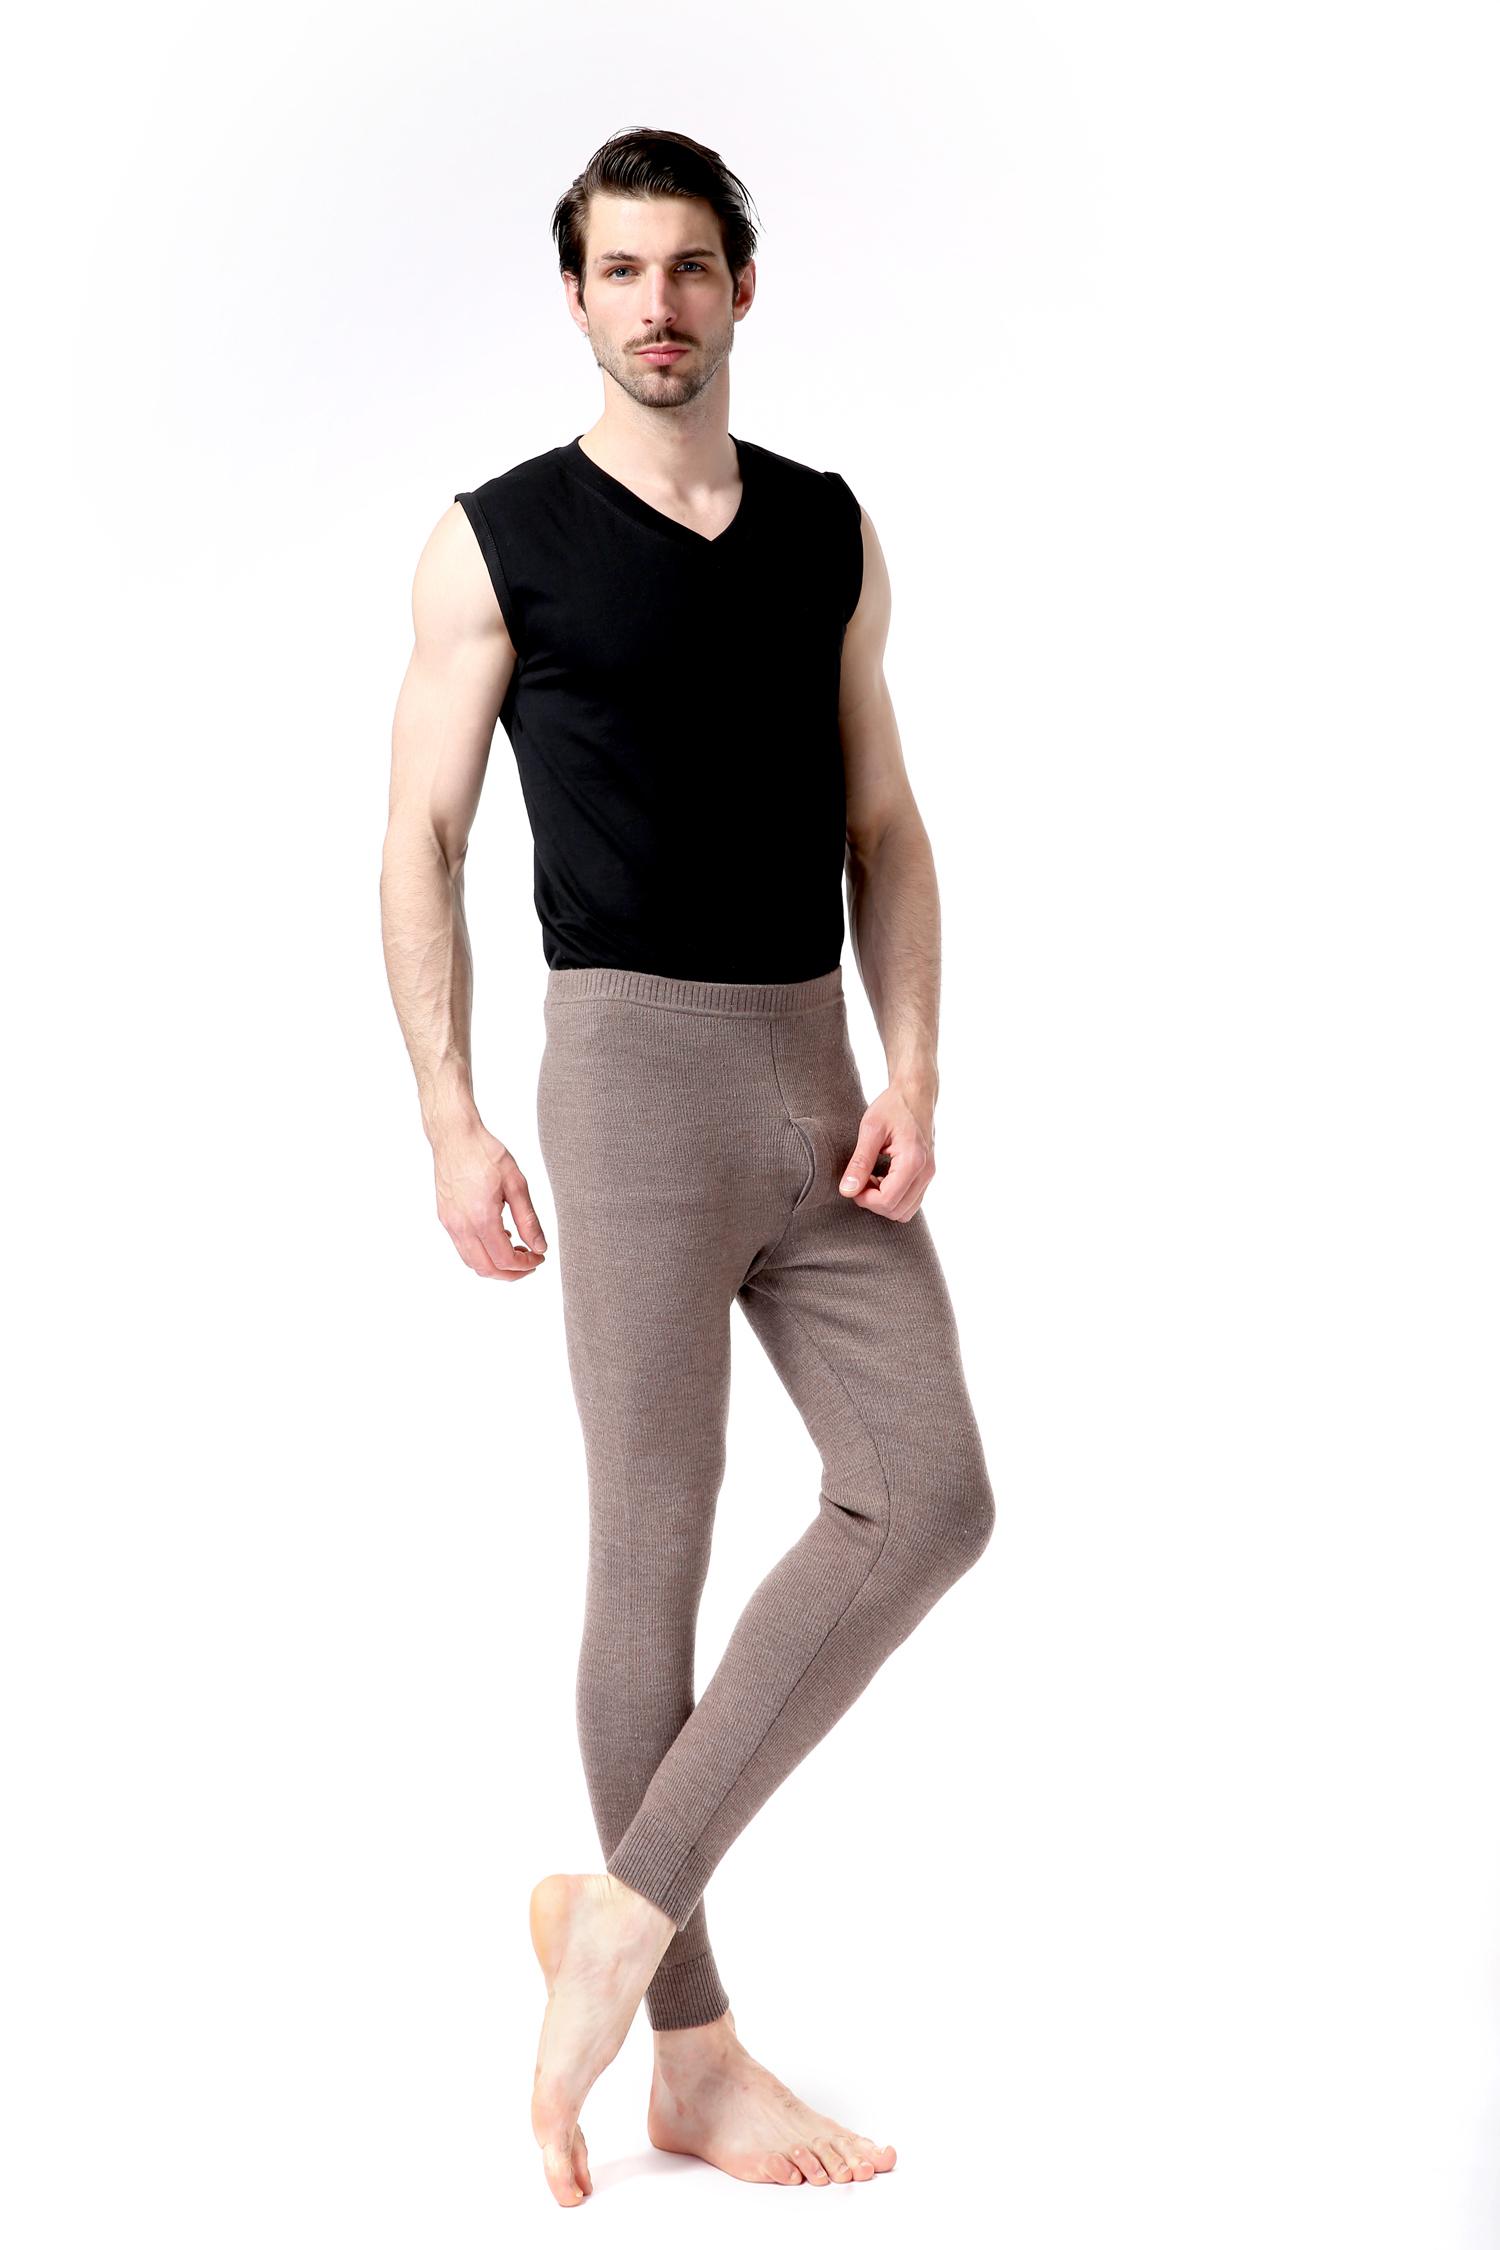 优雅的保暖内衣:【厂家推荐】质量好的都兰诺斯澳毛男抽条裤批发